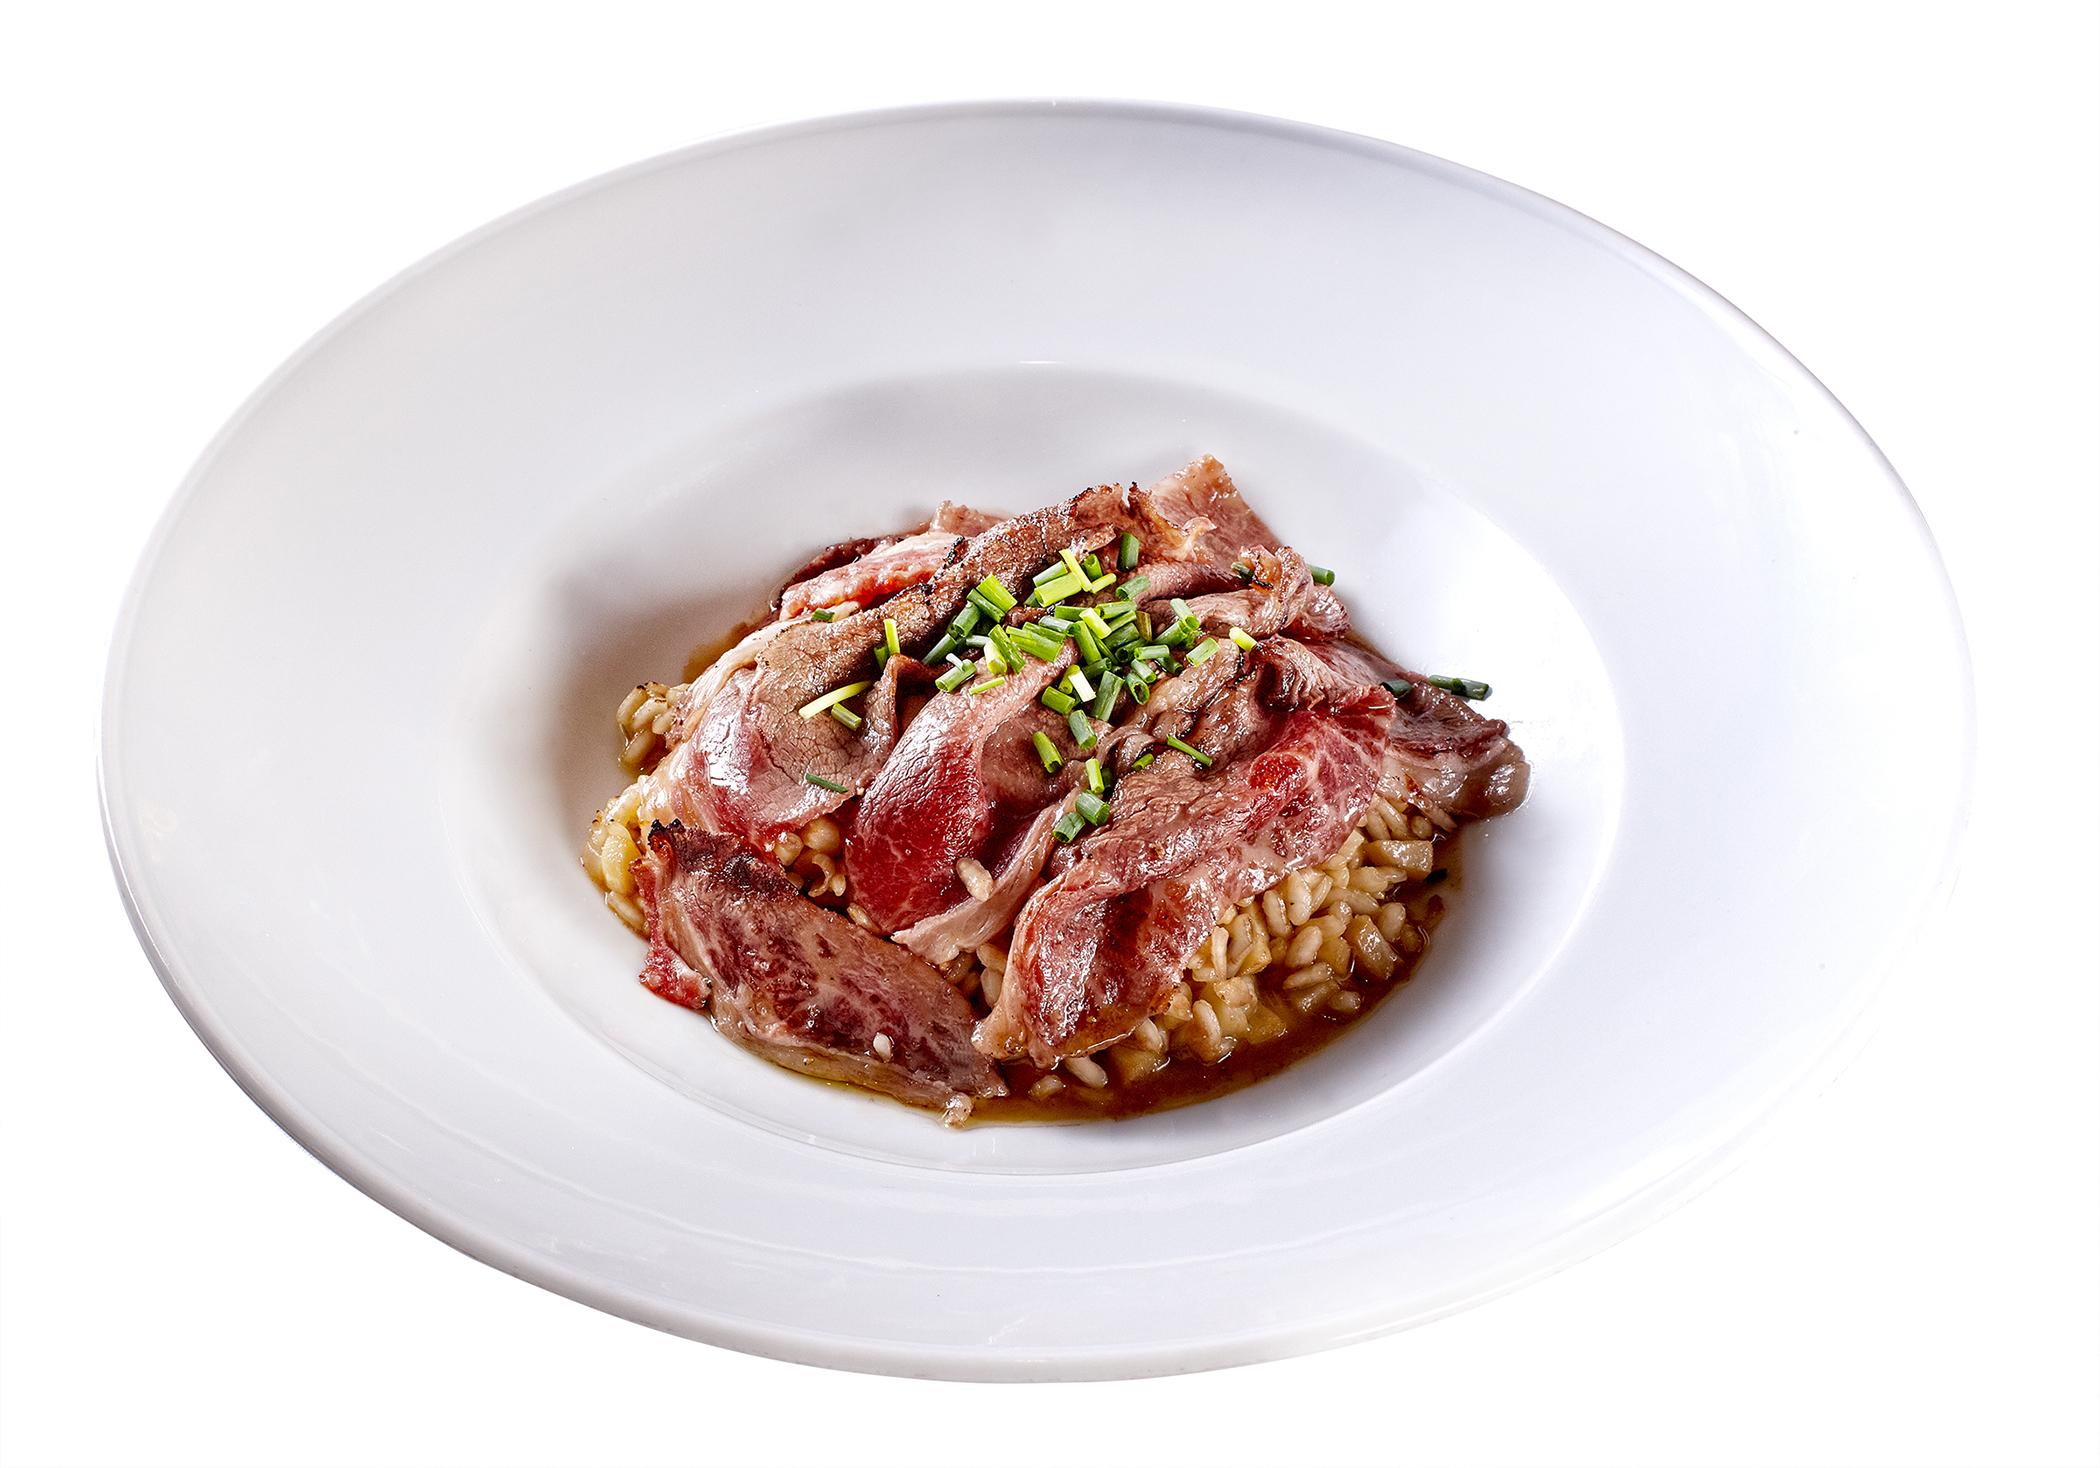 炙燒牛肉竹筍松露燉飯7-300dpi